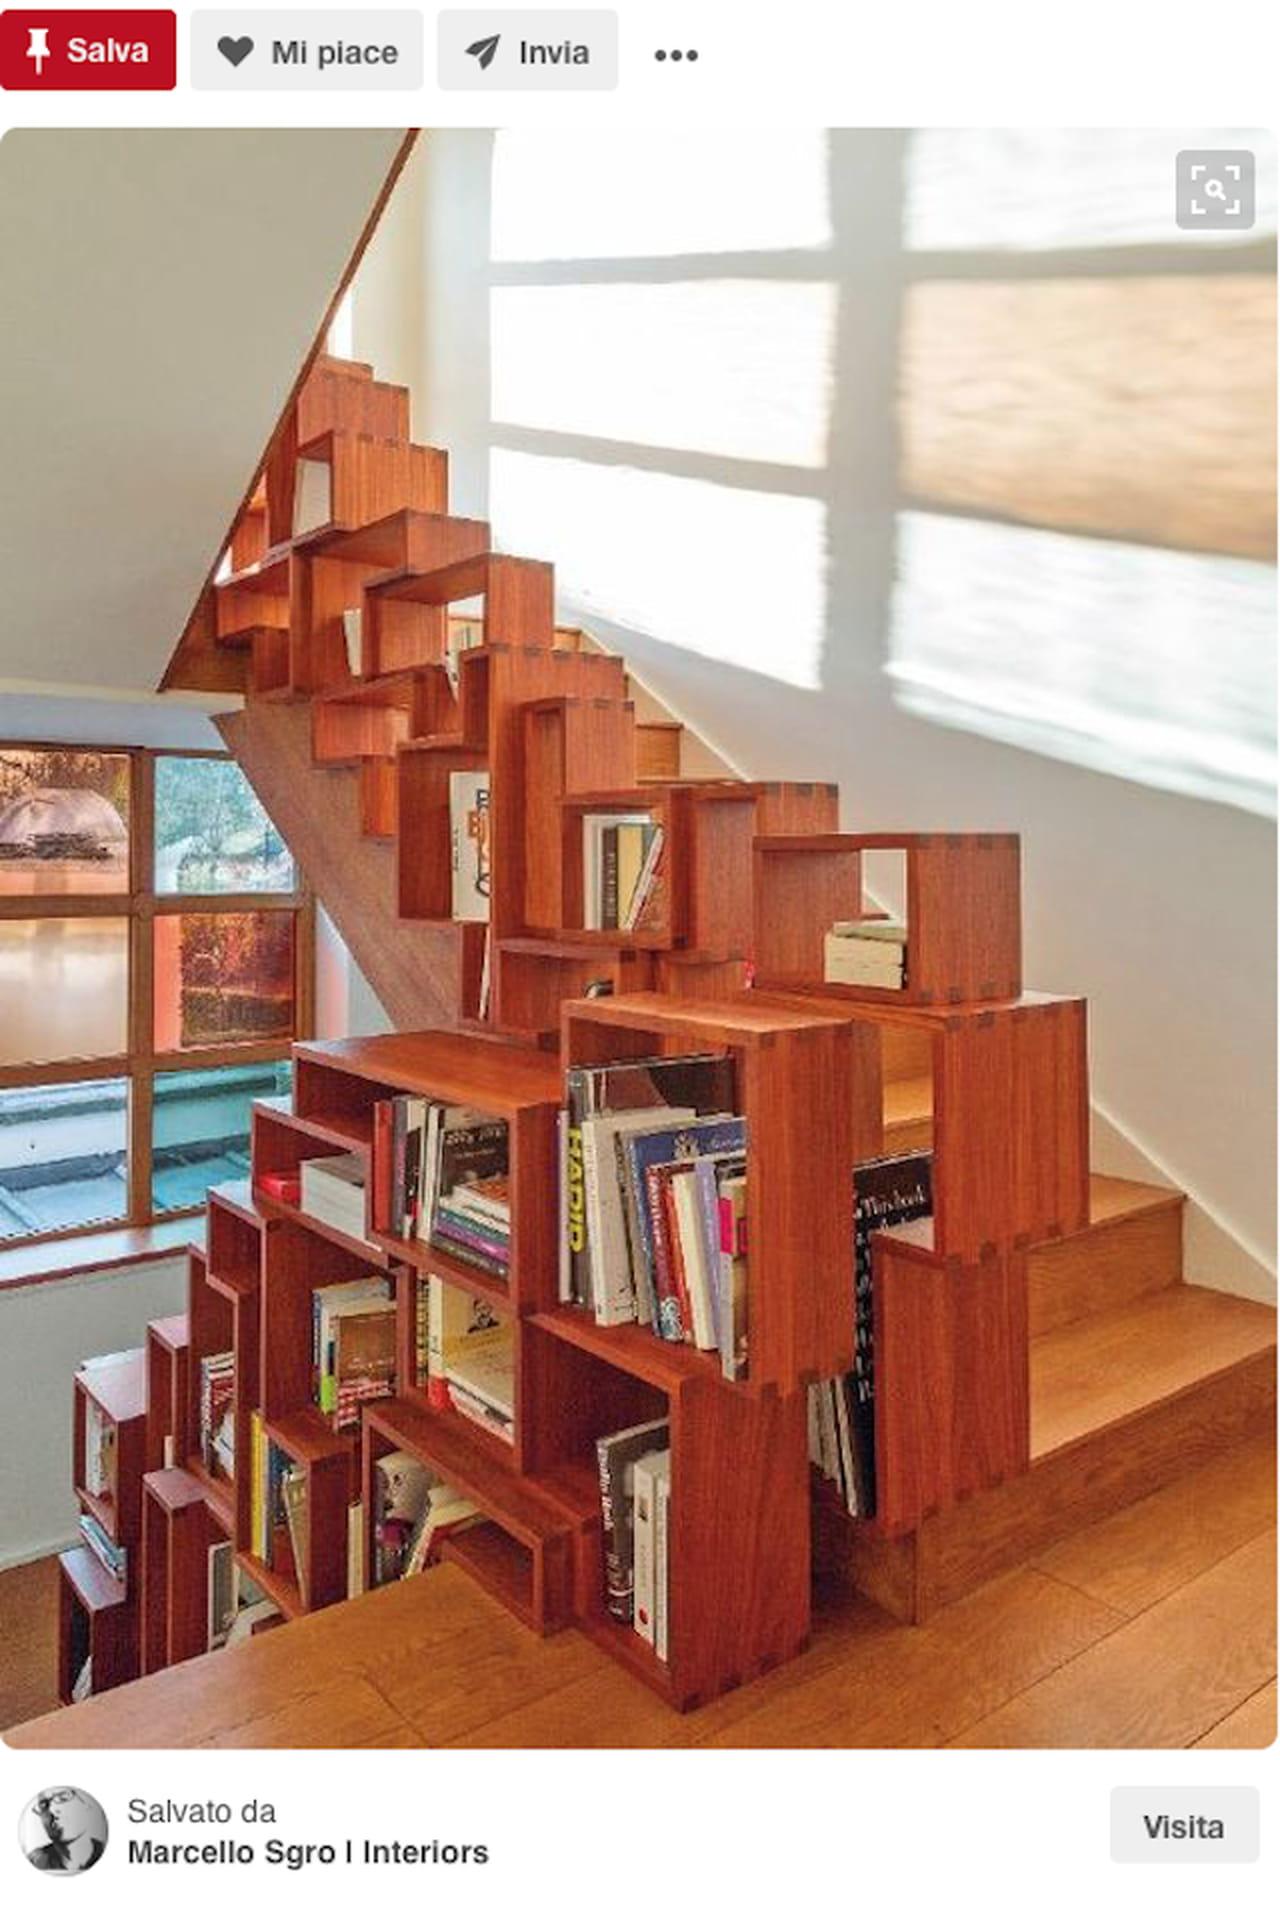 Una libreria lungo la scala con le scatole di legno.